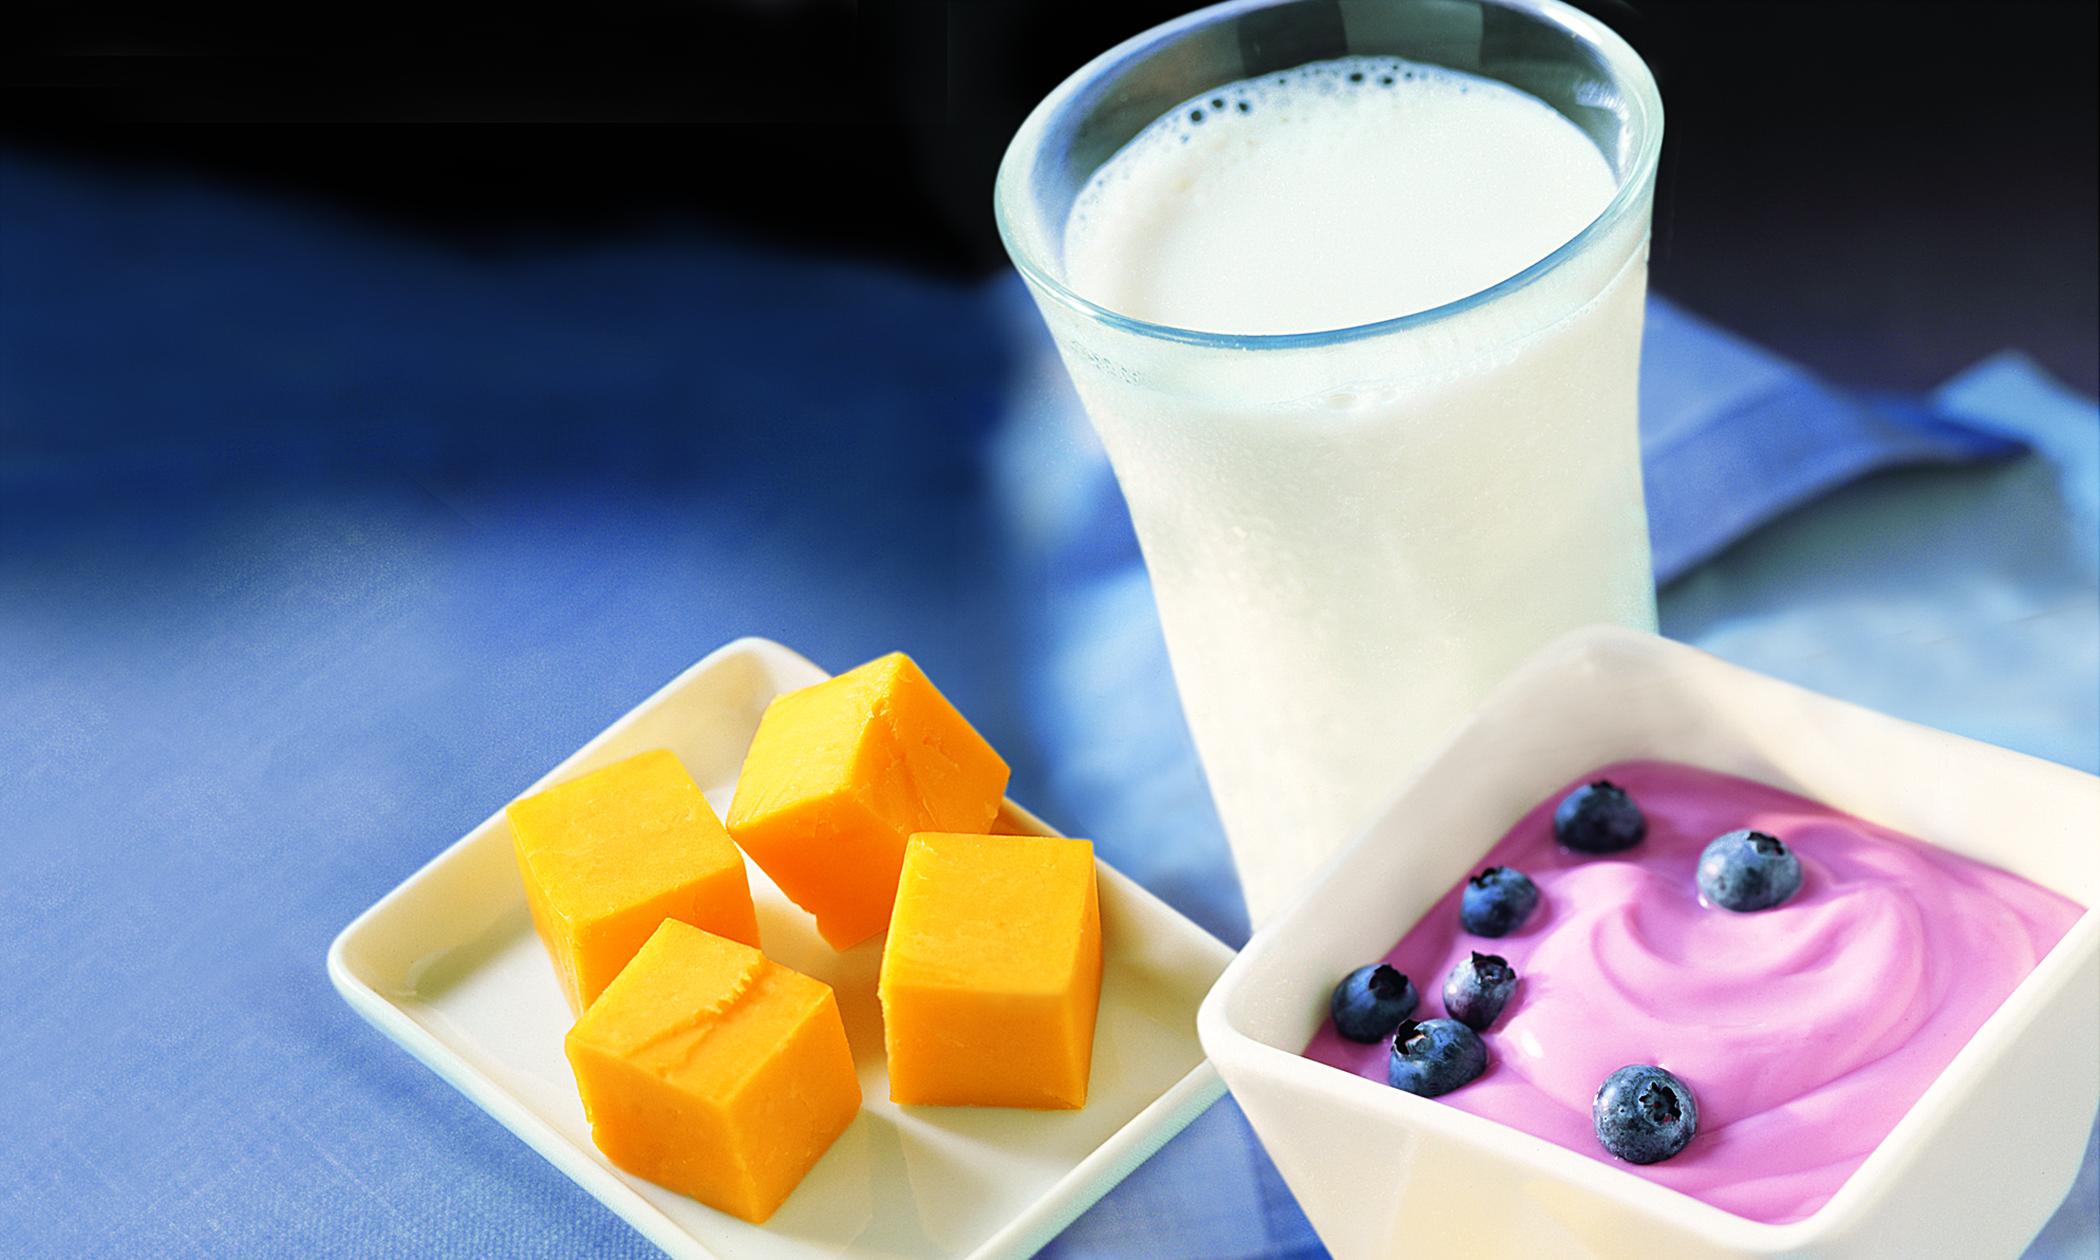 ВОренбургской области увеличился уровень потребления молока